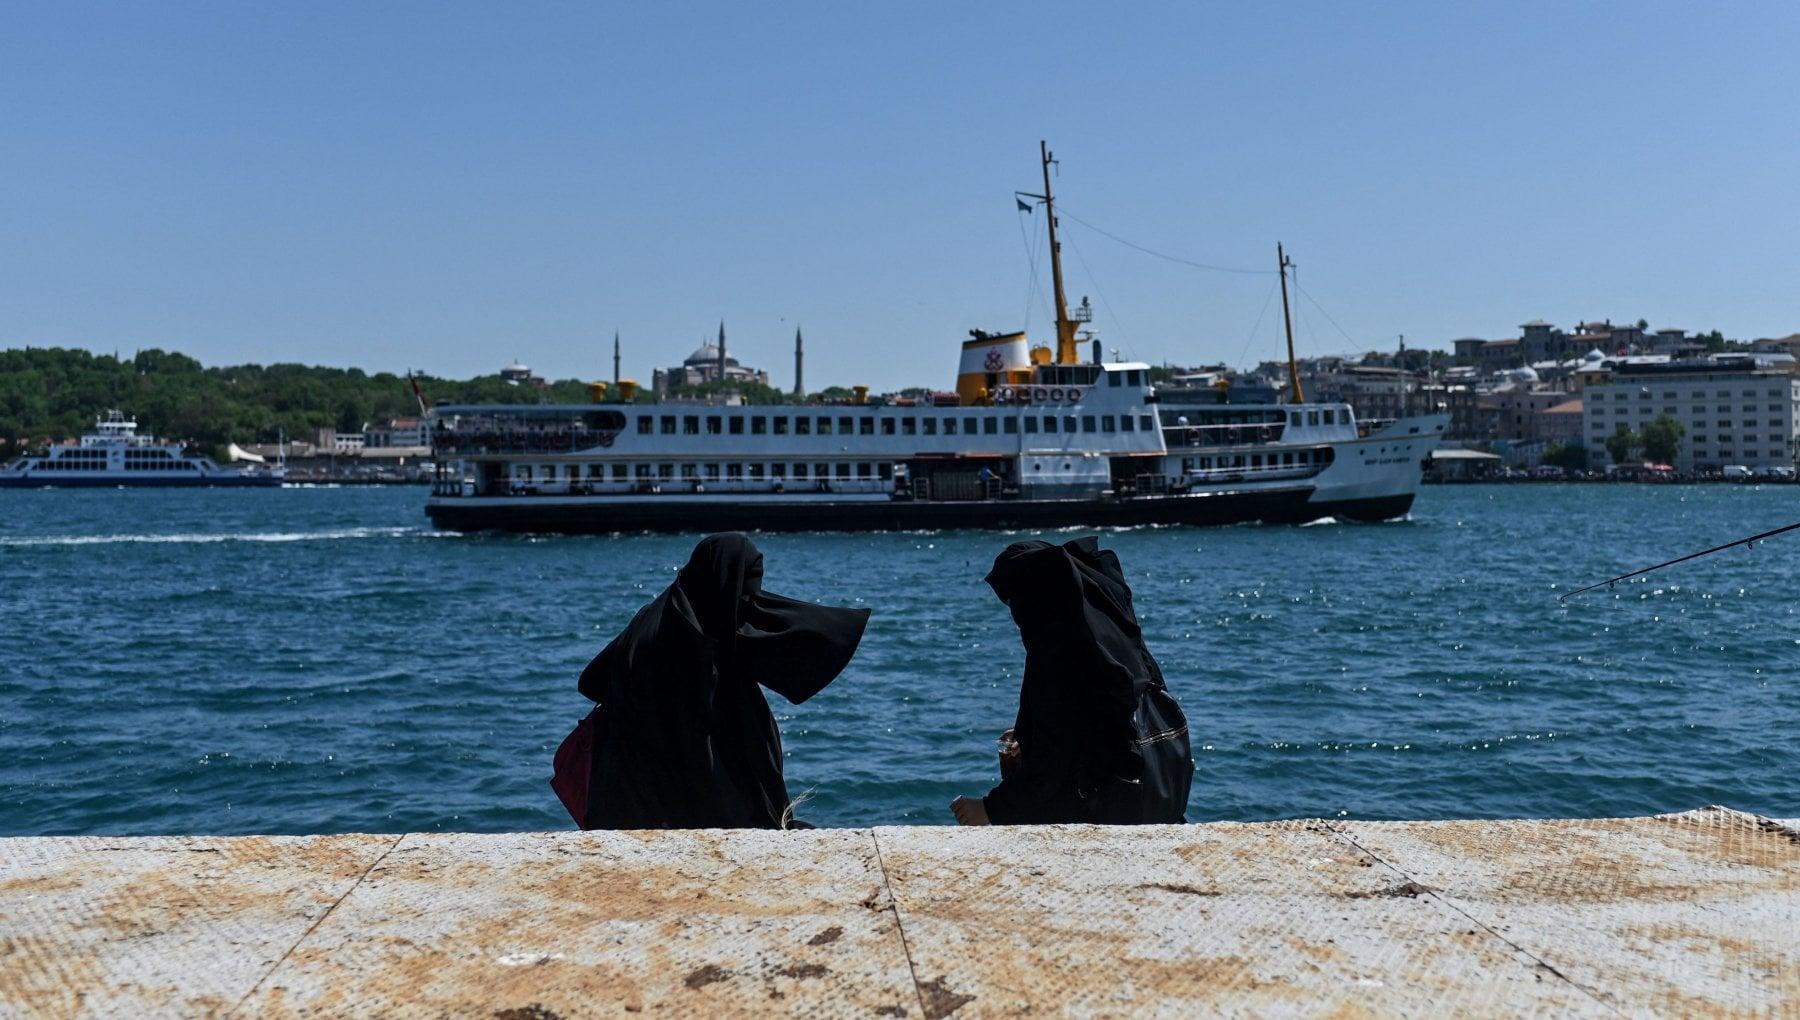 """191600484 6e9de808 8d79 4869 866a dcdb9bdcfad0 - Turchia, il """"progetto folle"""" di Erdogan: un nuovo canale per raddoppiare il Bosforo"""